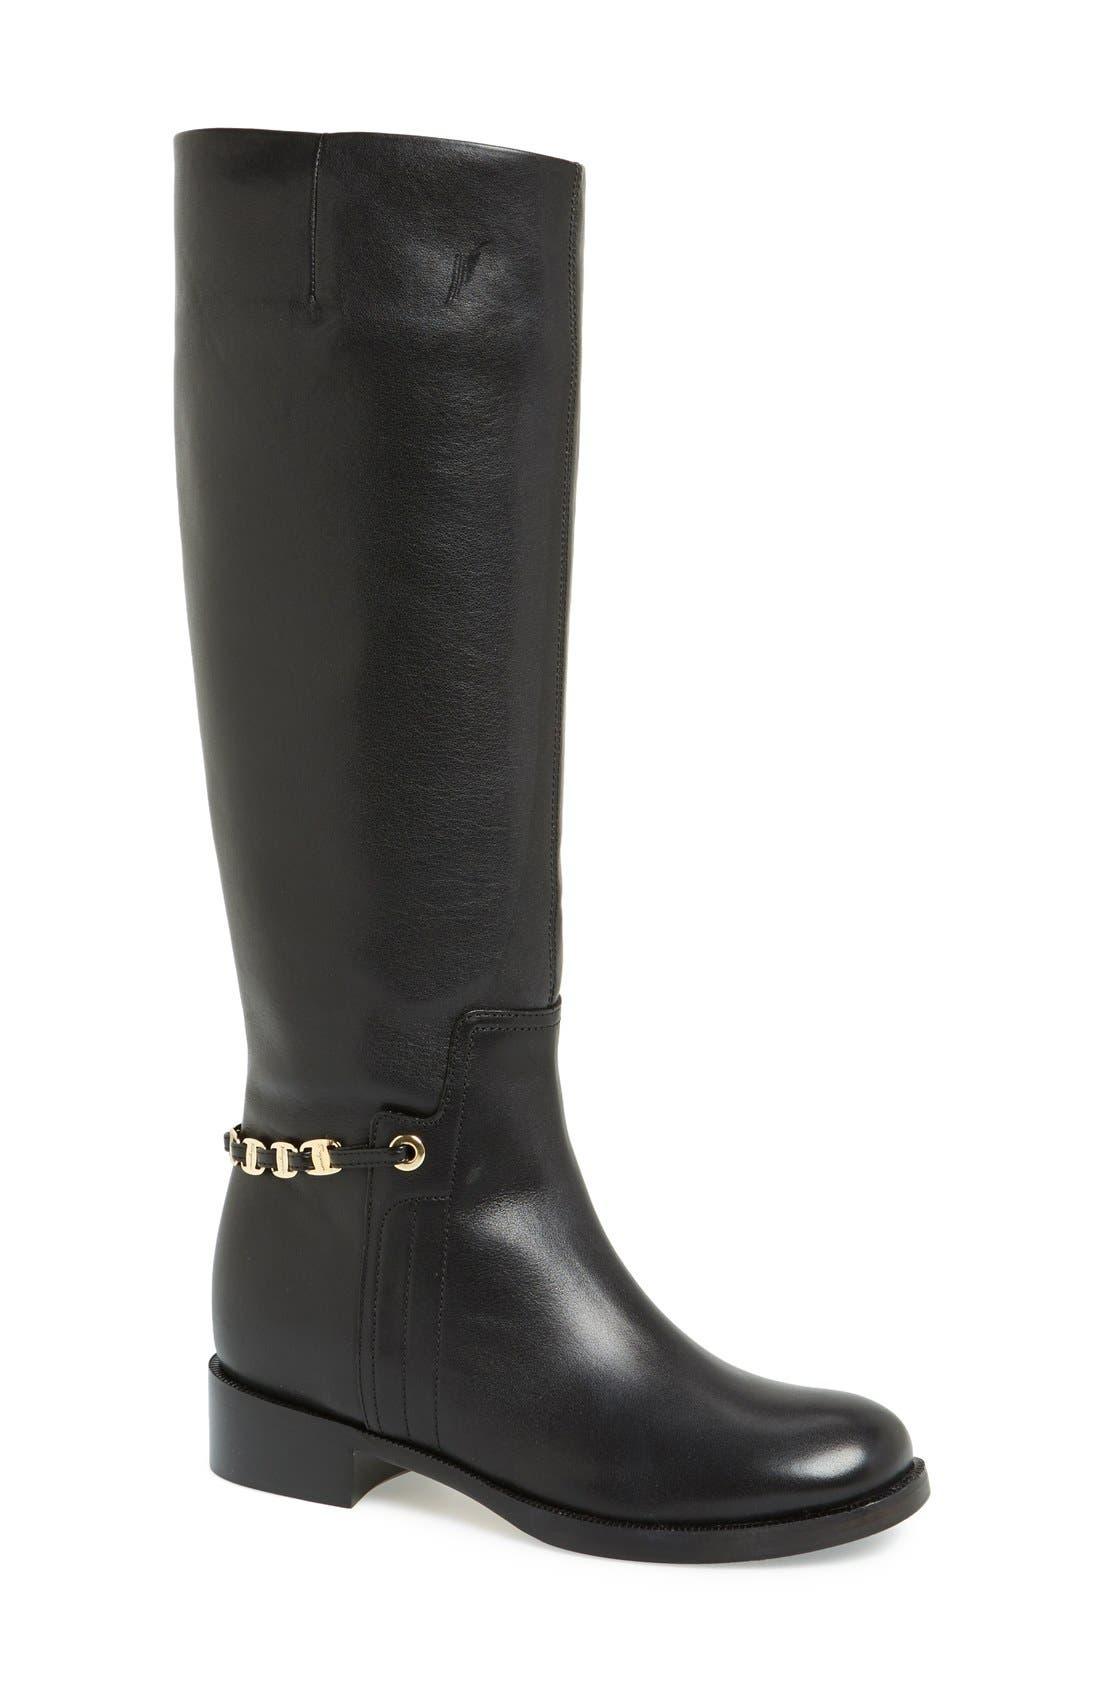 Alternate Image 1 Selected - Salvatore Ferragamo 'Nando' Chain Trim Leather Boot (Women)